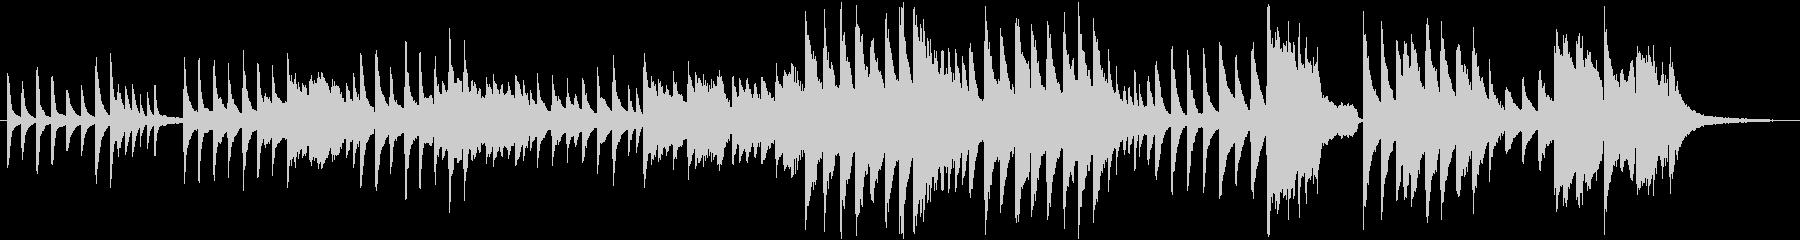 讃美歌、頌栄539番のソロピアノの未再生の波形